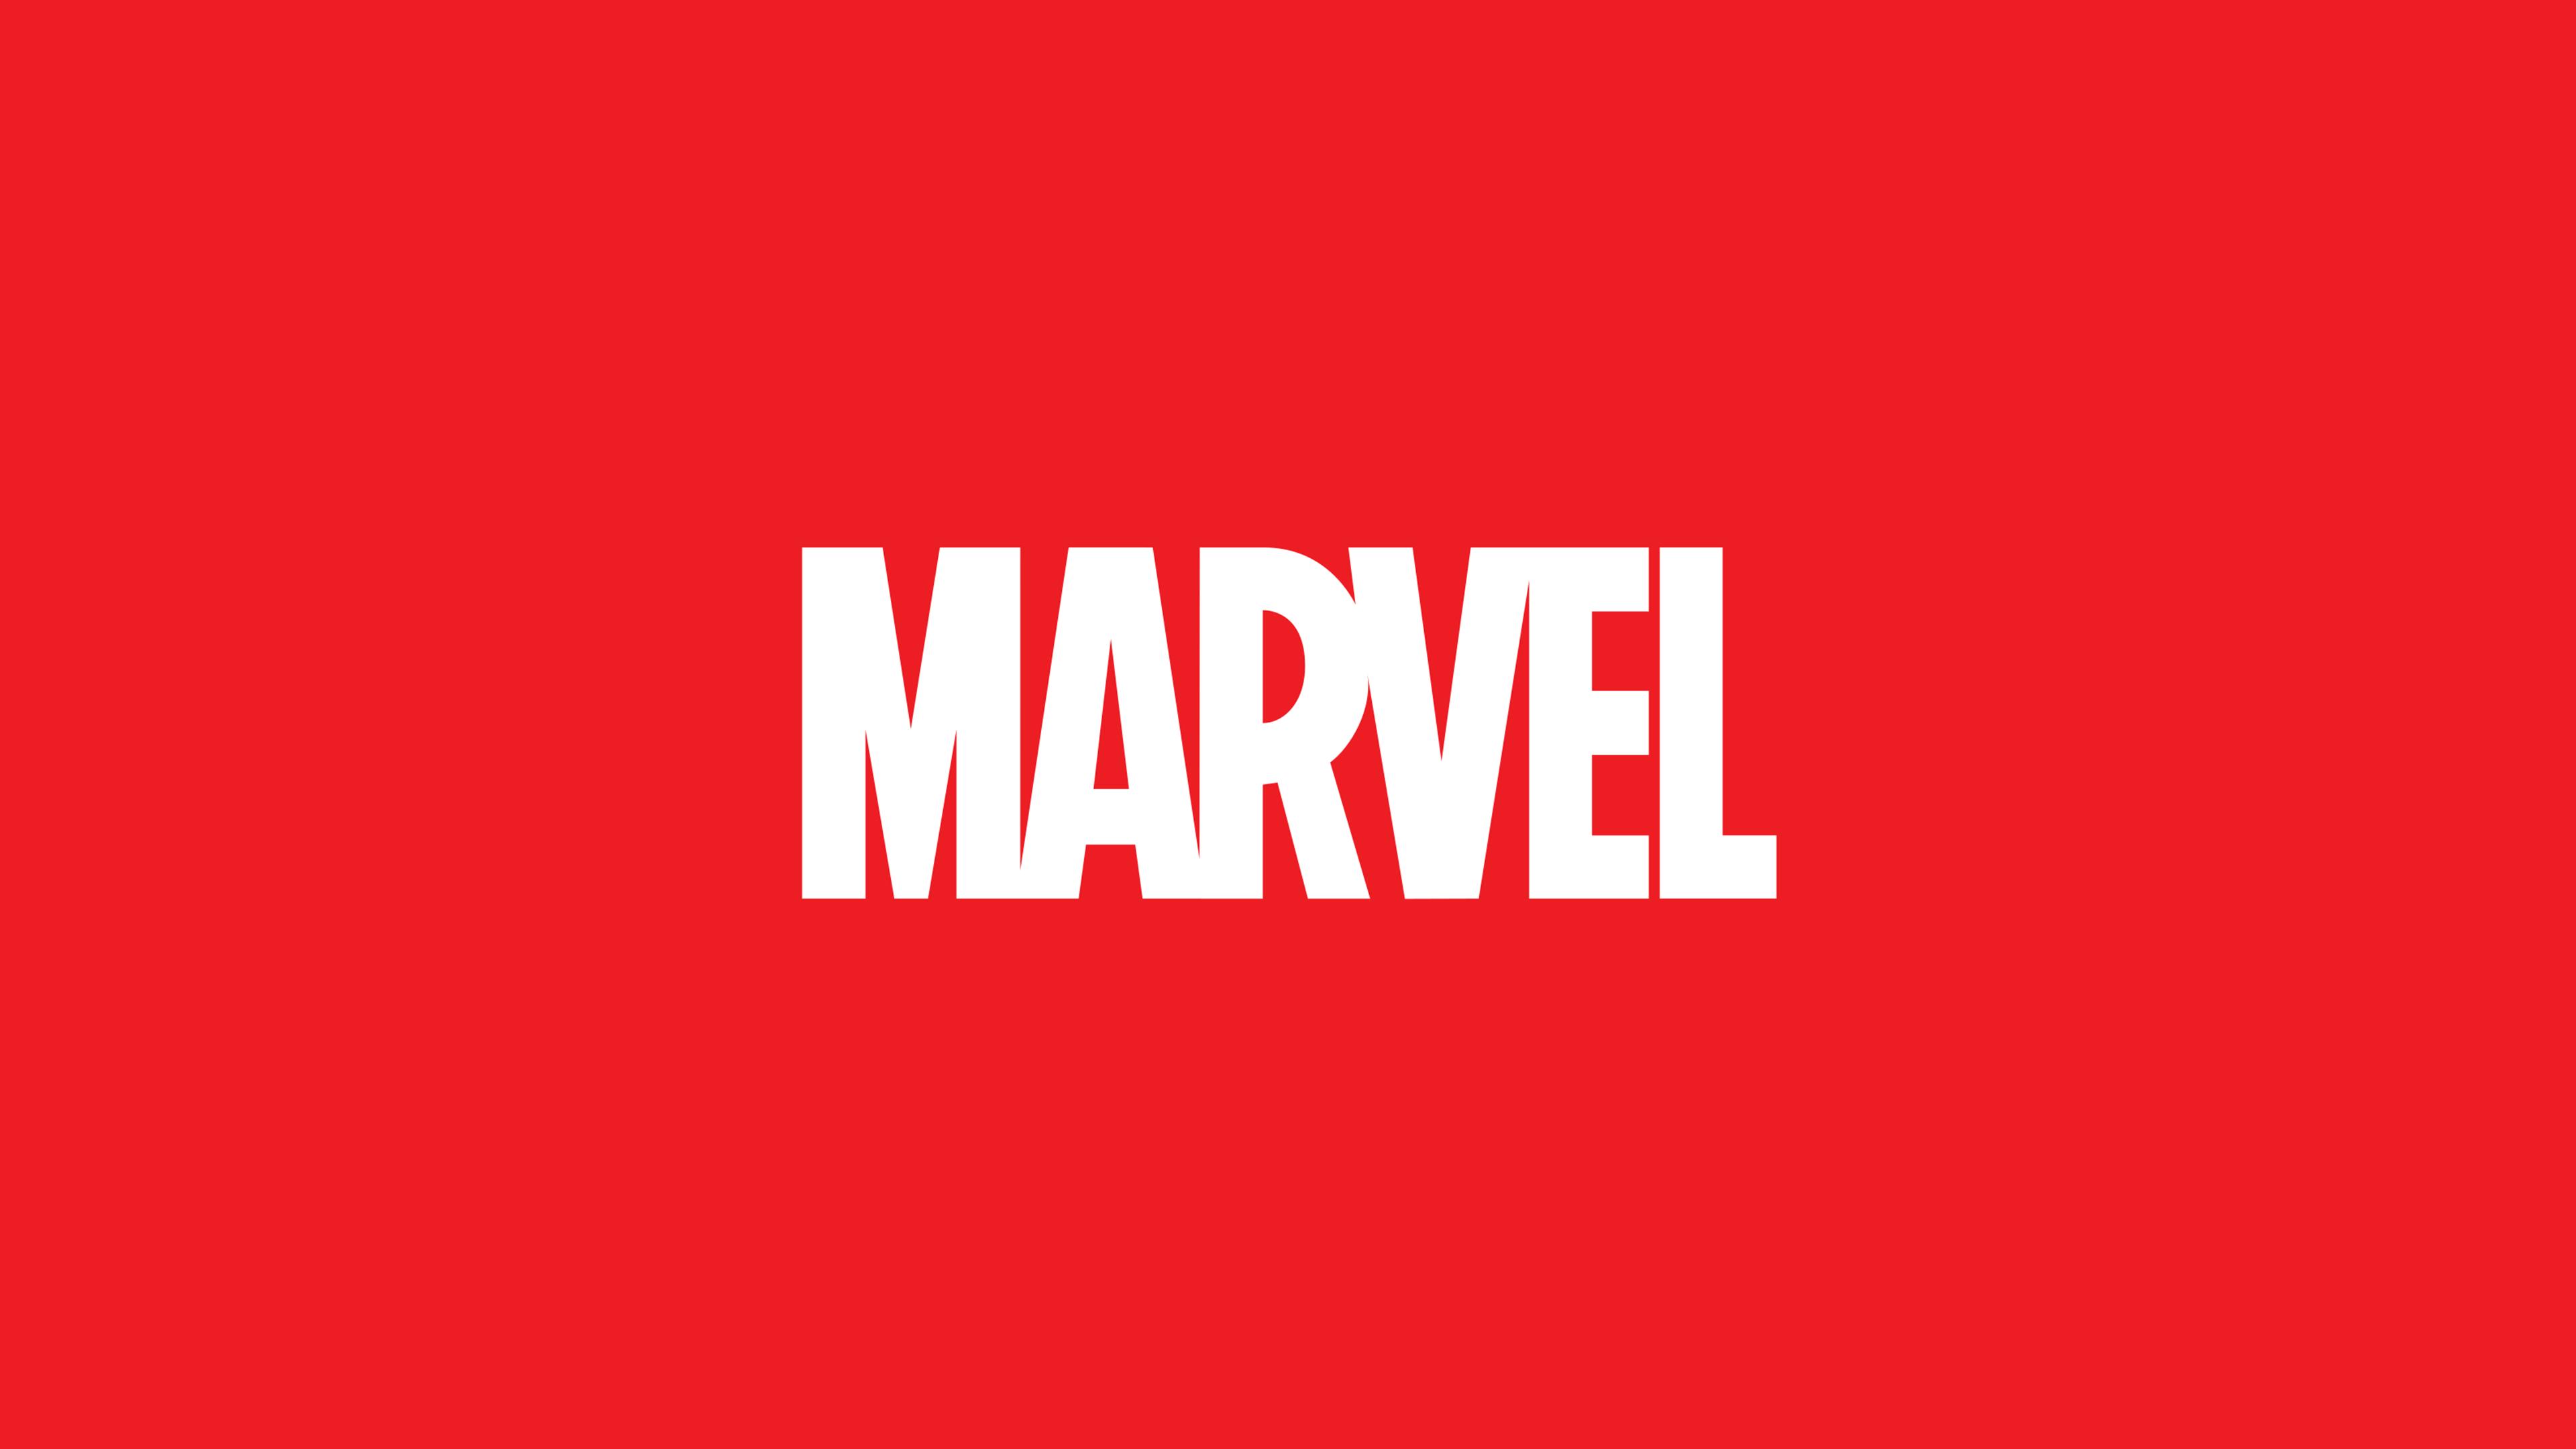 Marvel Logo Red